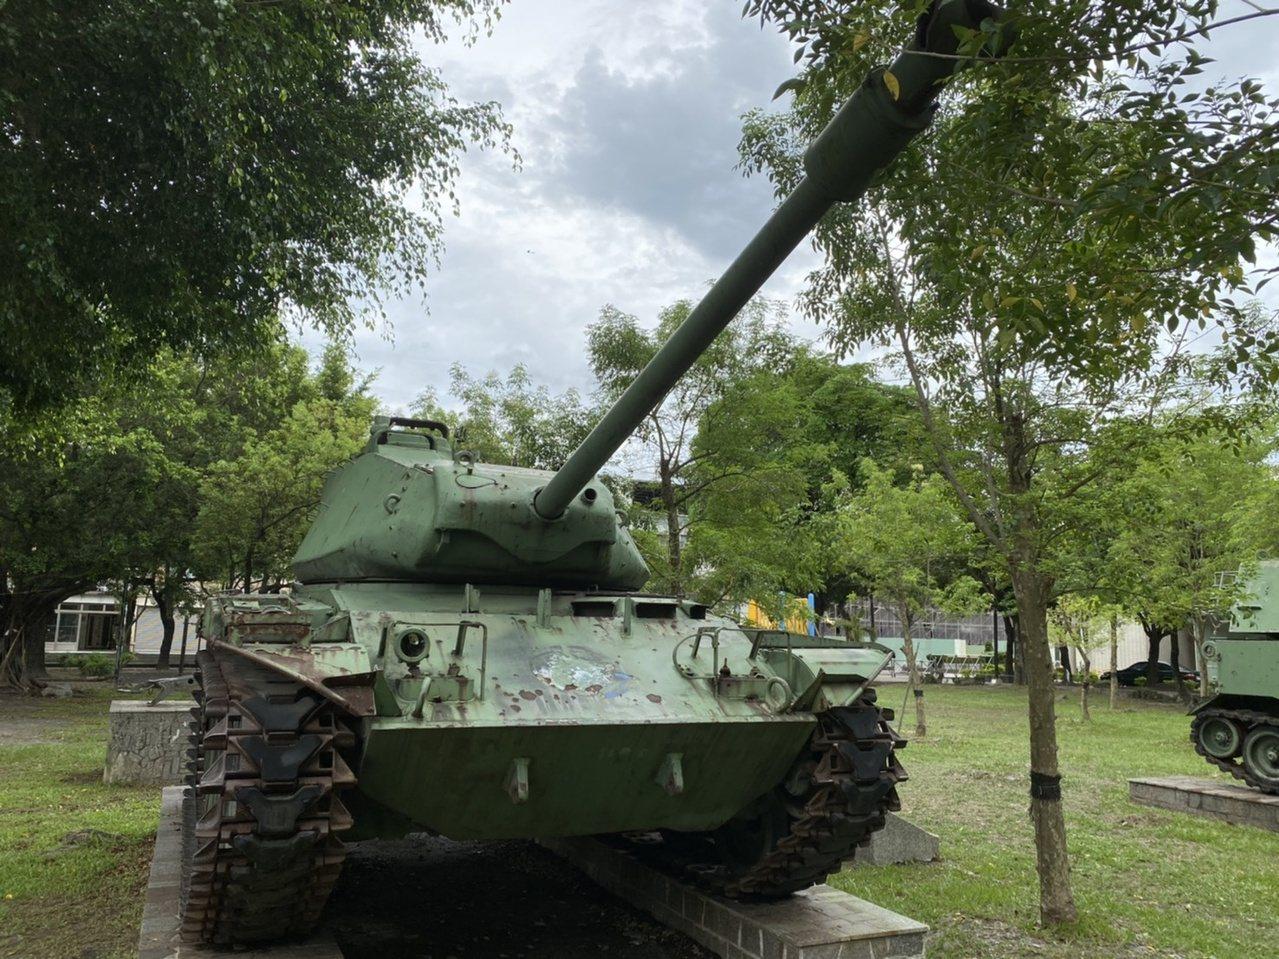 潮州運動公園內的坦克車,這處公園為南部陳列最多國軍武器的公園。 圖/陳弘逸 攝影